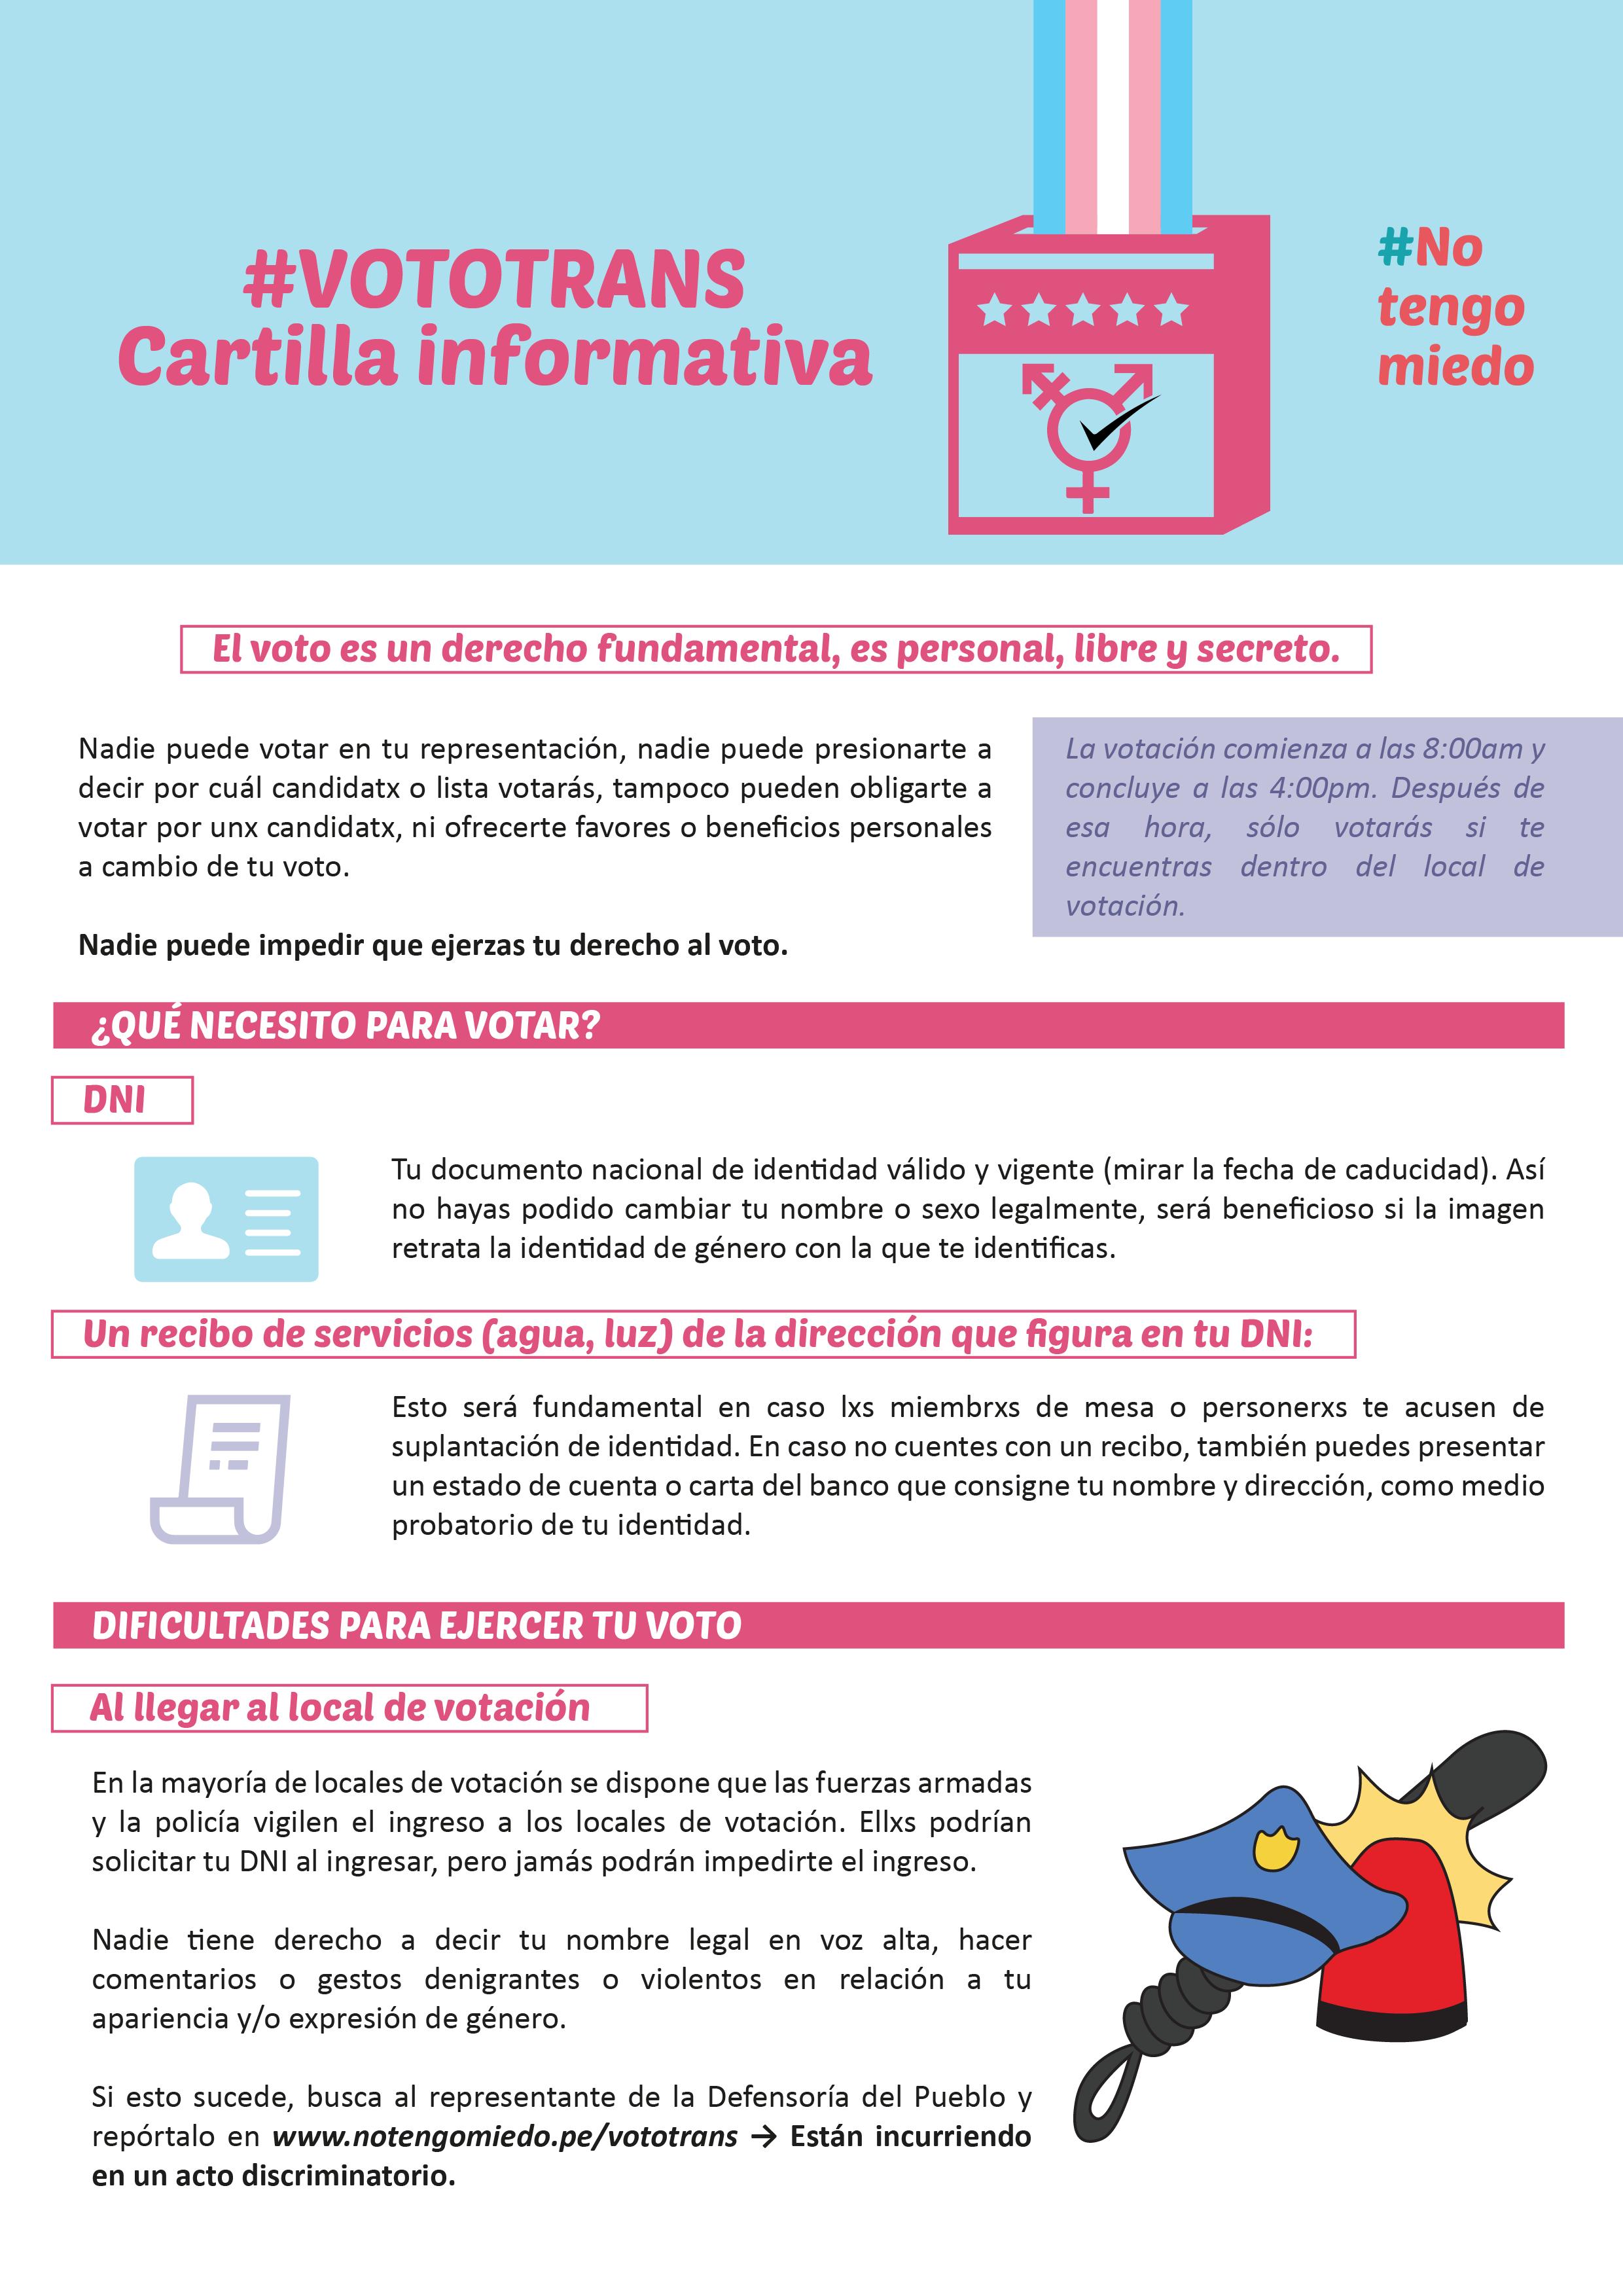 VOTO TRANS: CARTILLA INFORMATIVA, 2016    Cartilla informativa para facilitar el voto de personas transgénero durante las elecciones generales 2016.